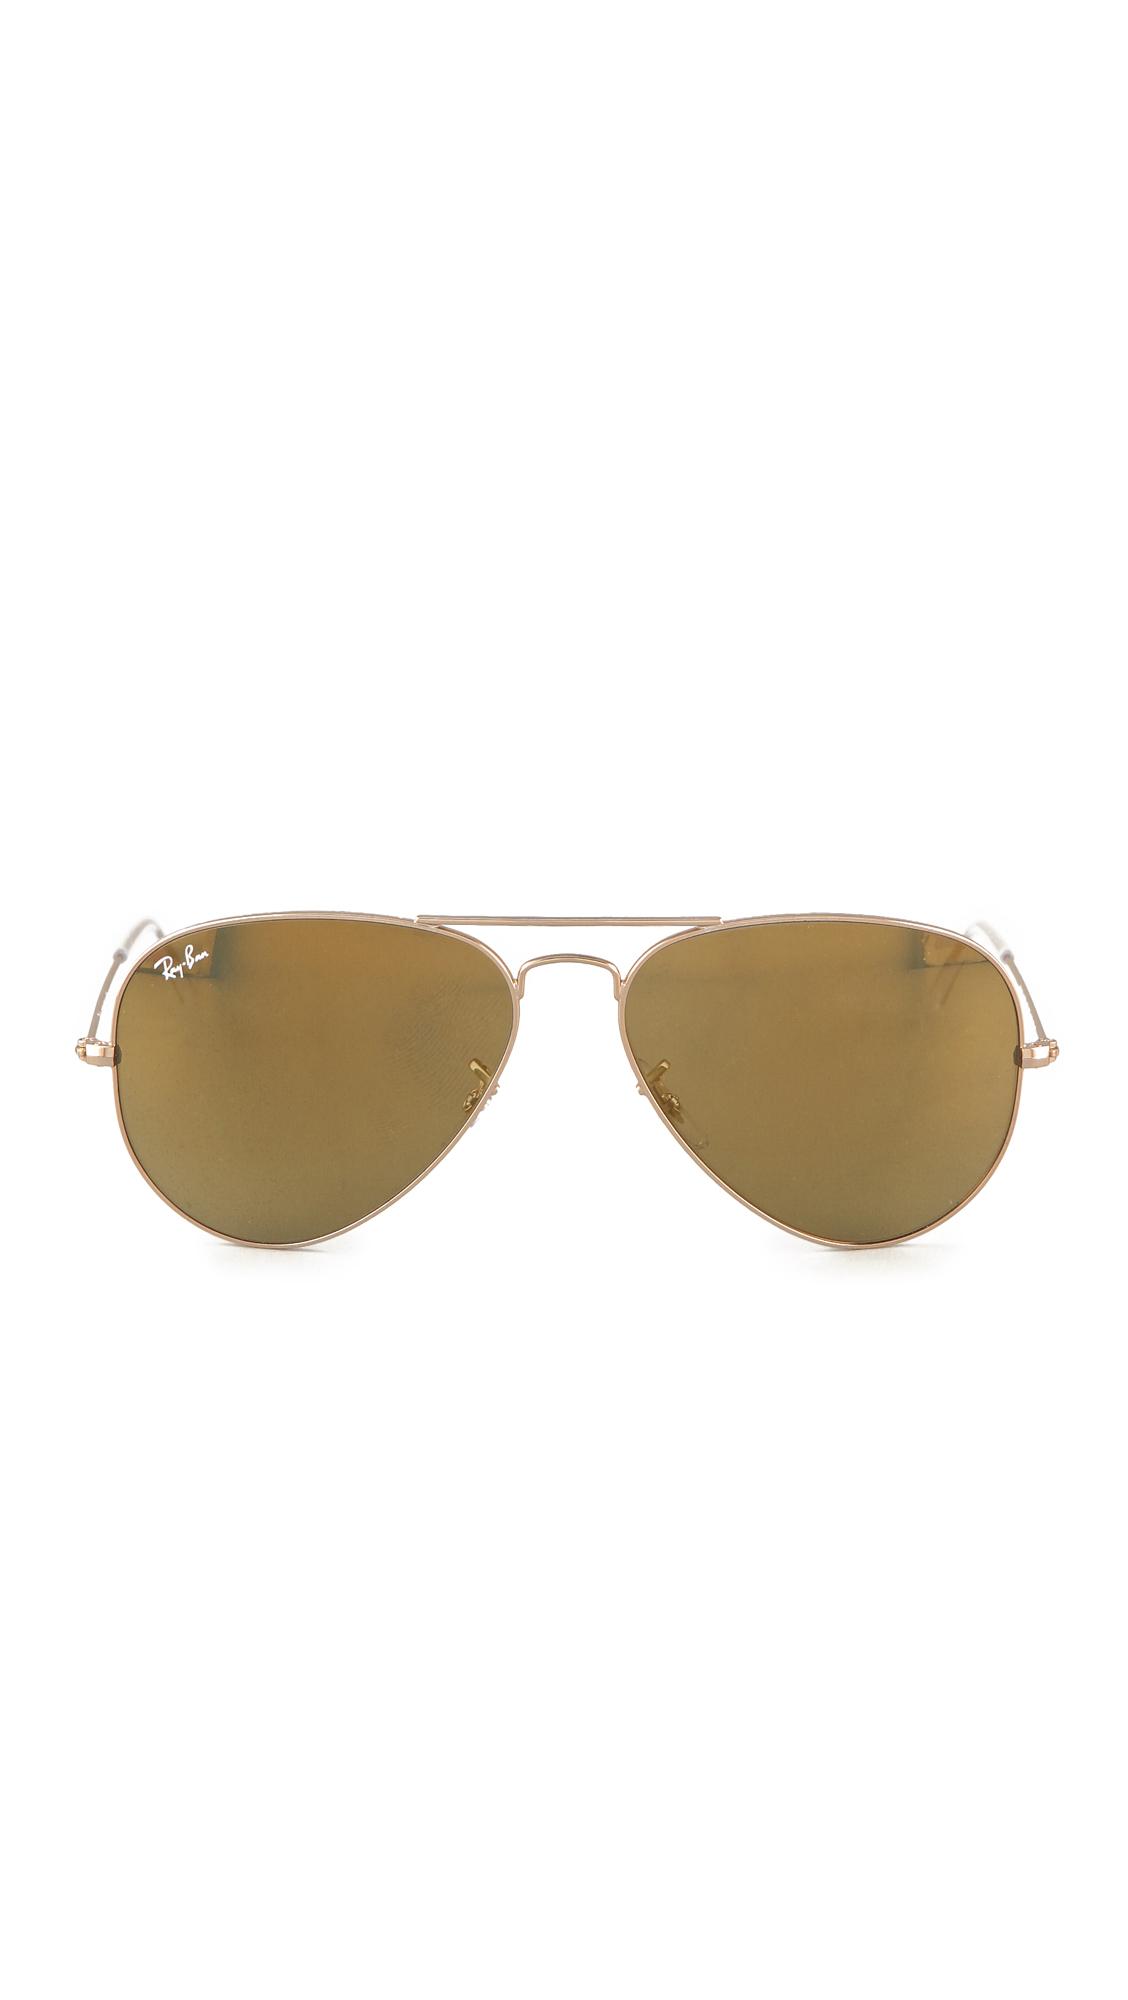 Mirrored Original Aviator Sunglasses a8fdcd0bd8be